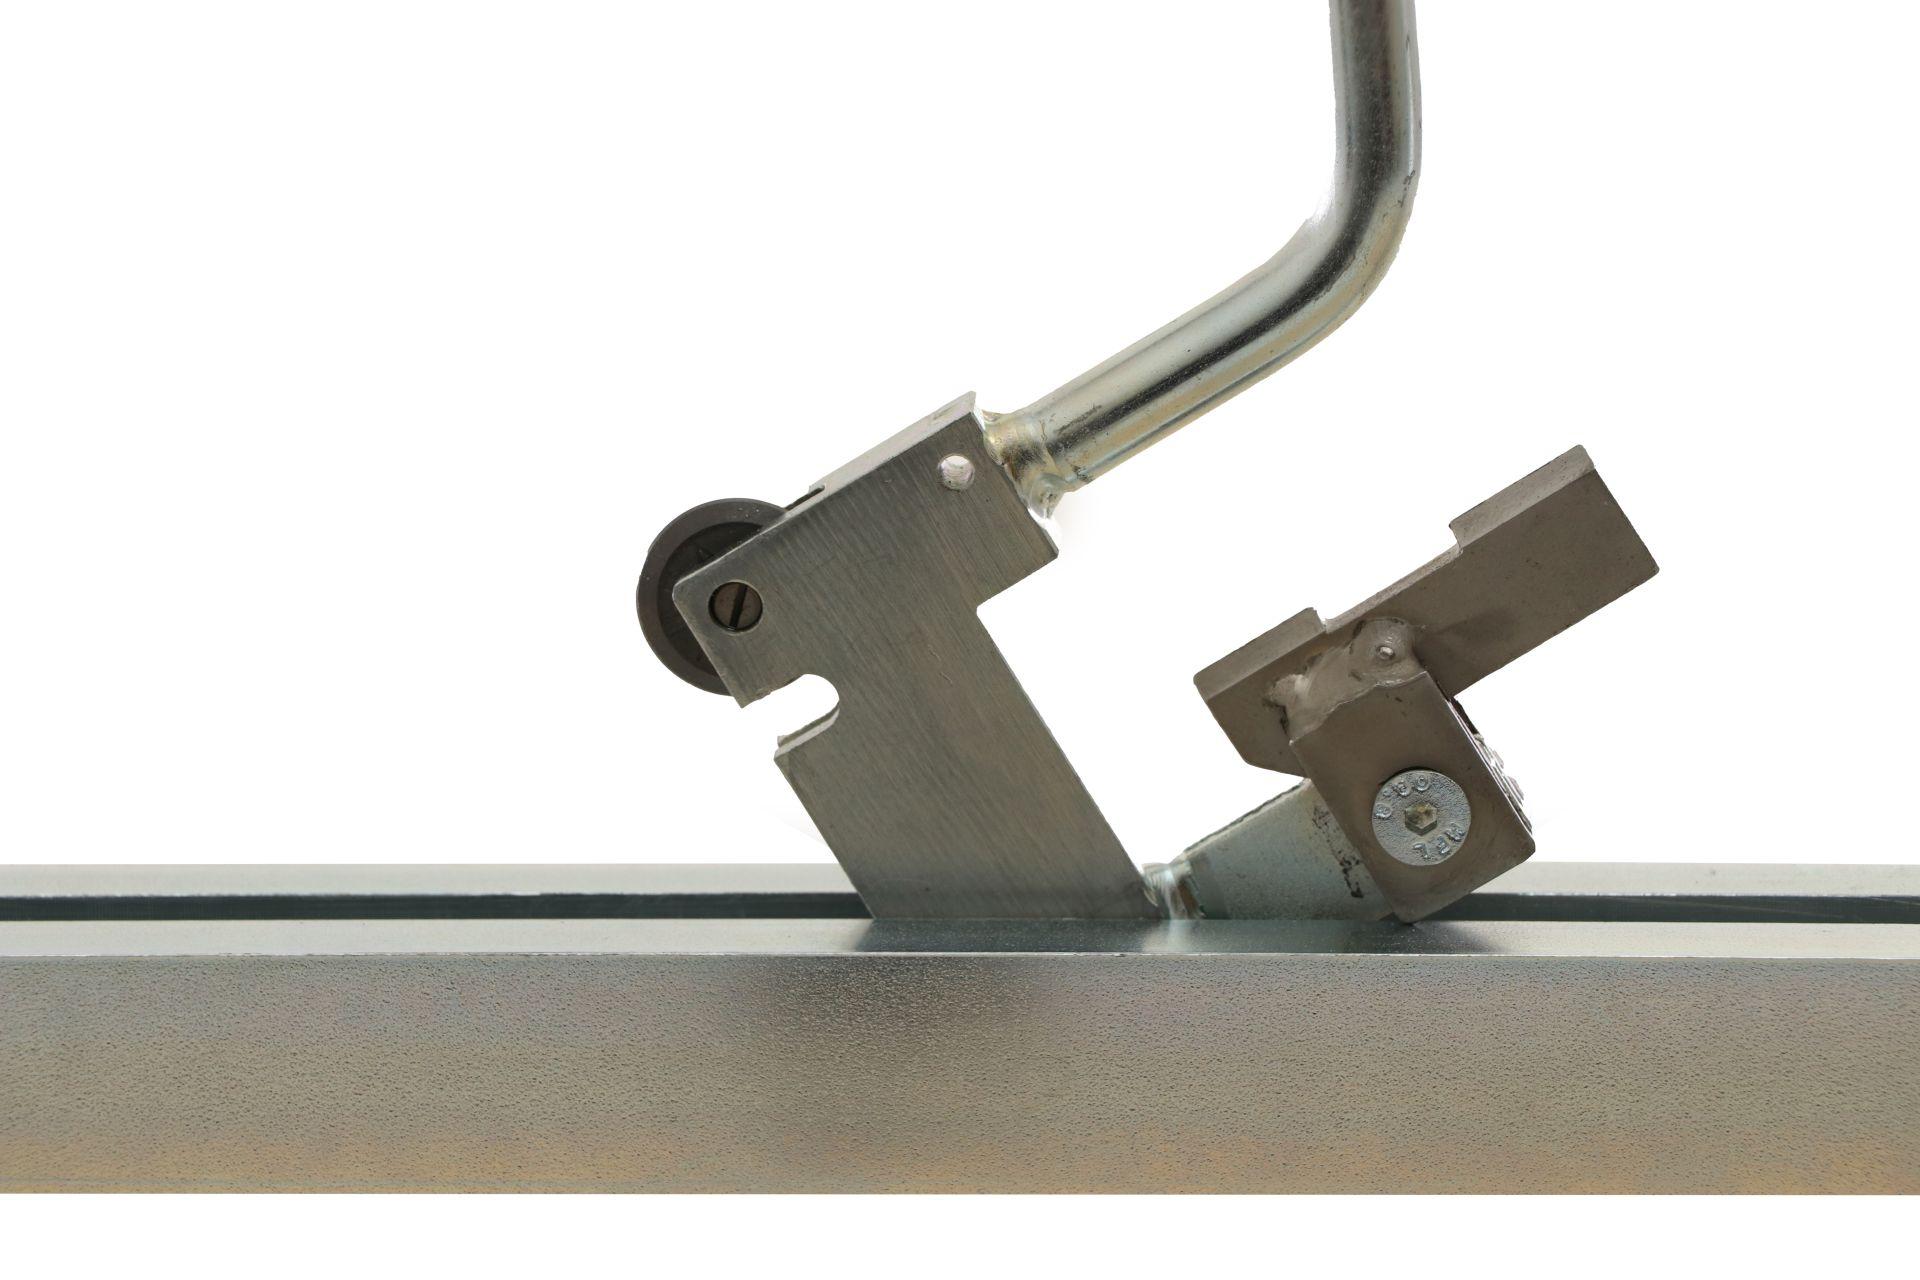 HUFA Fliesenschneidmaschine Schneidhexe Klassik-cb 630 mm